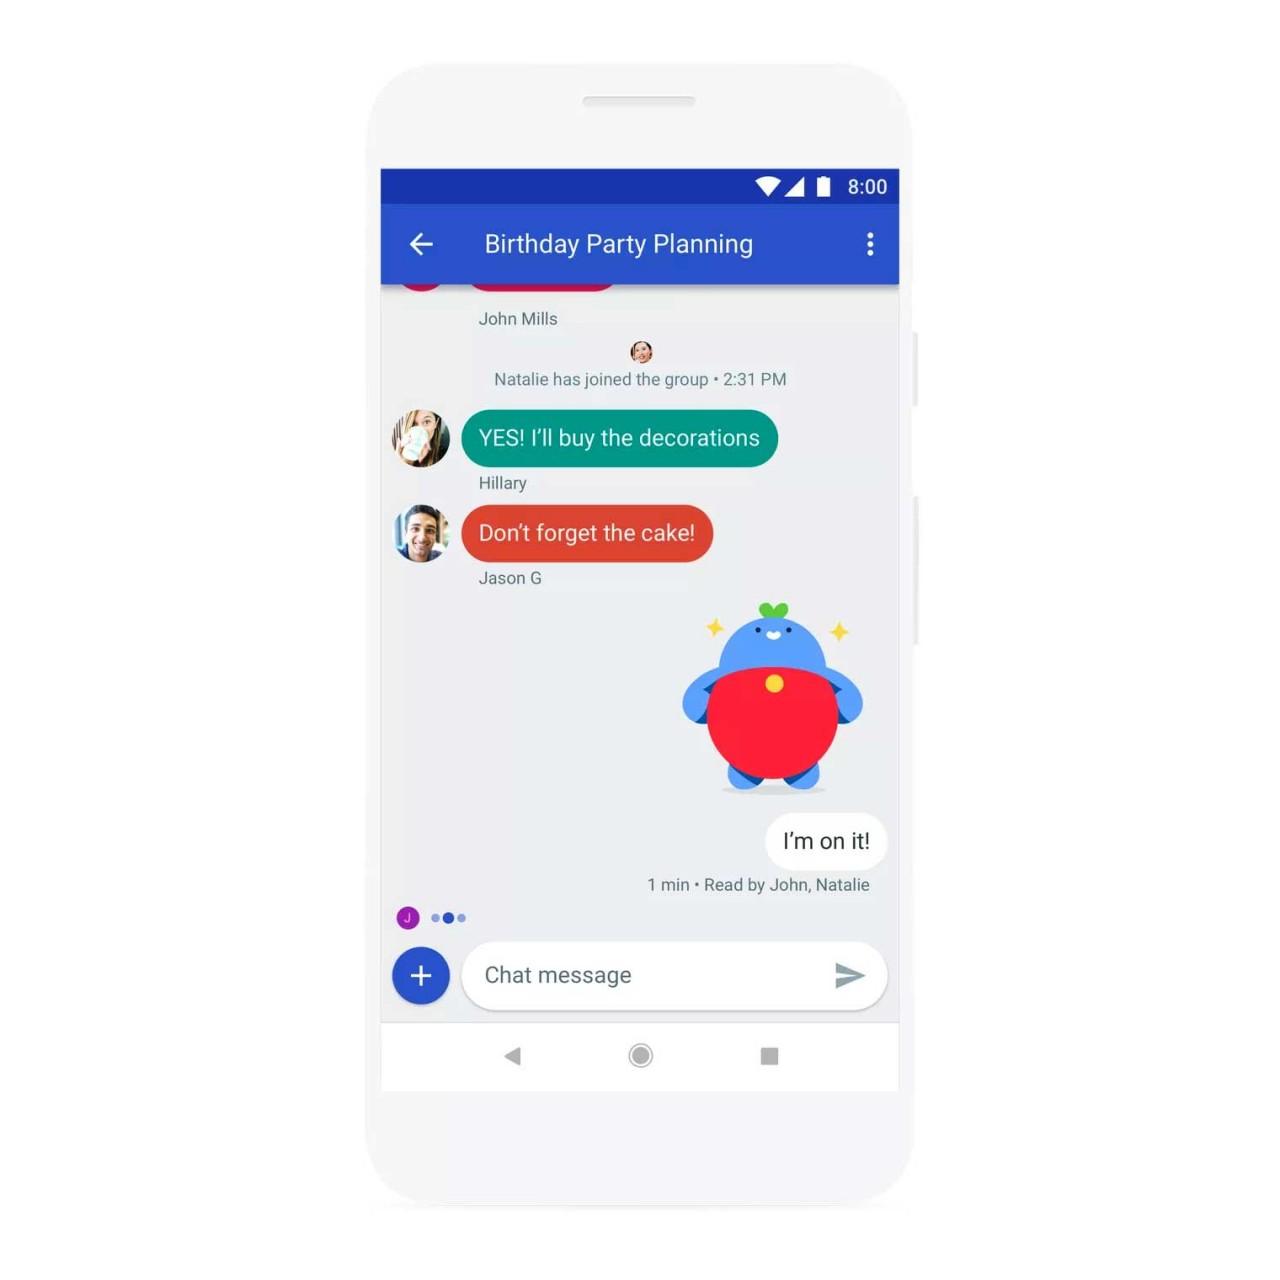 12 неочевидных и бесплатных приложений для нового Android-смартфона android